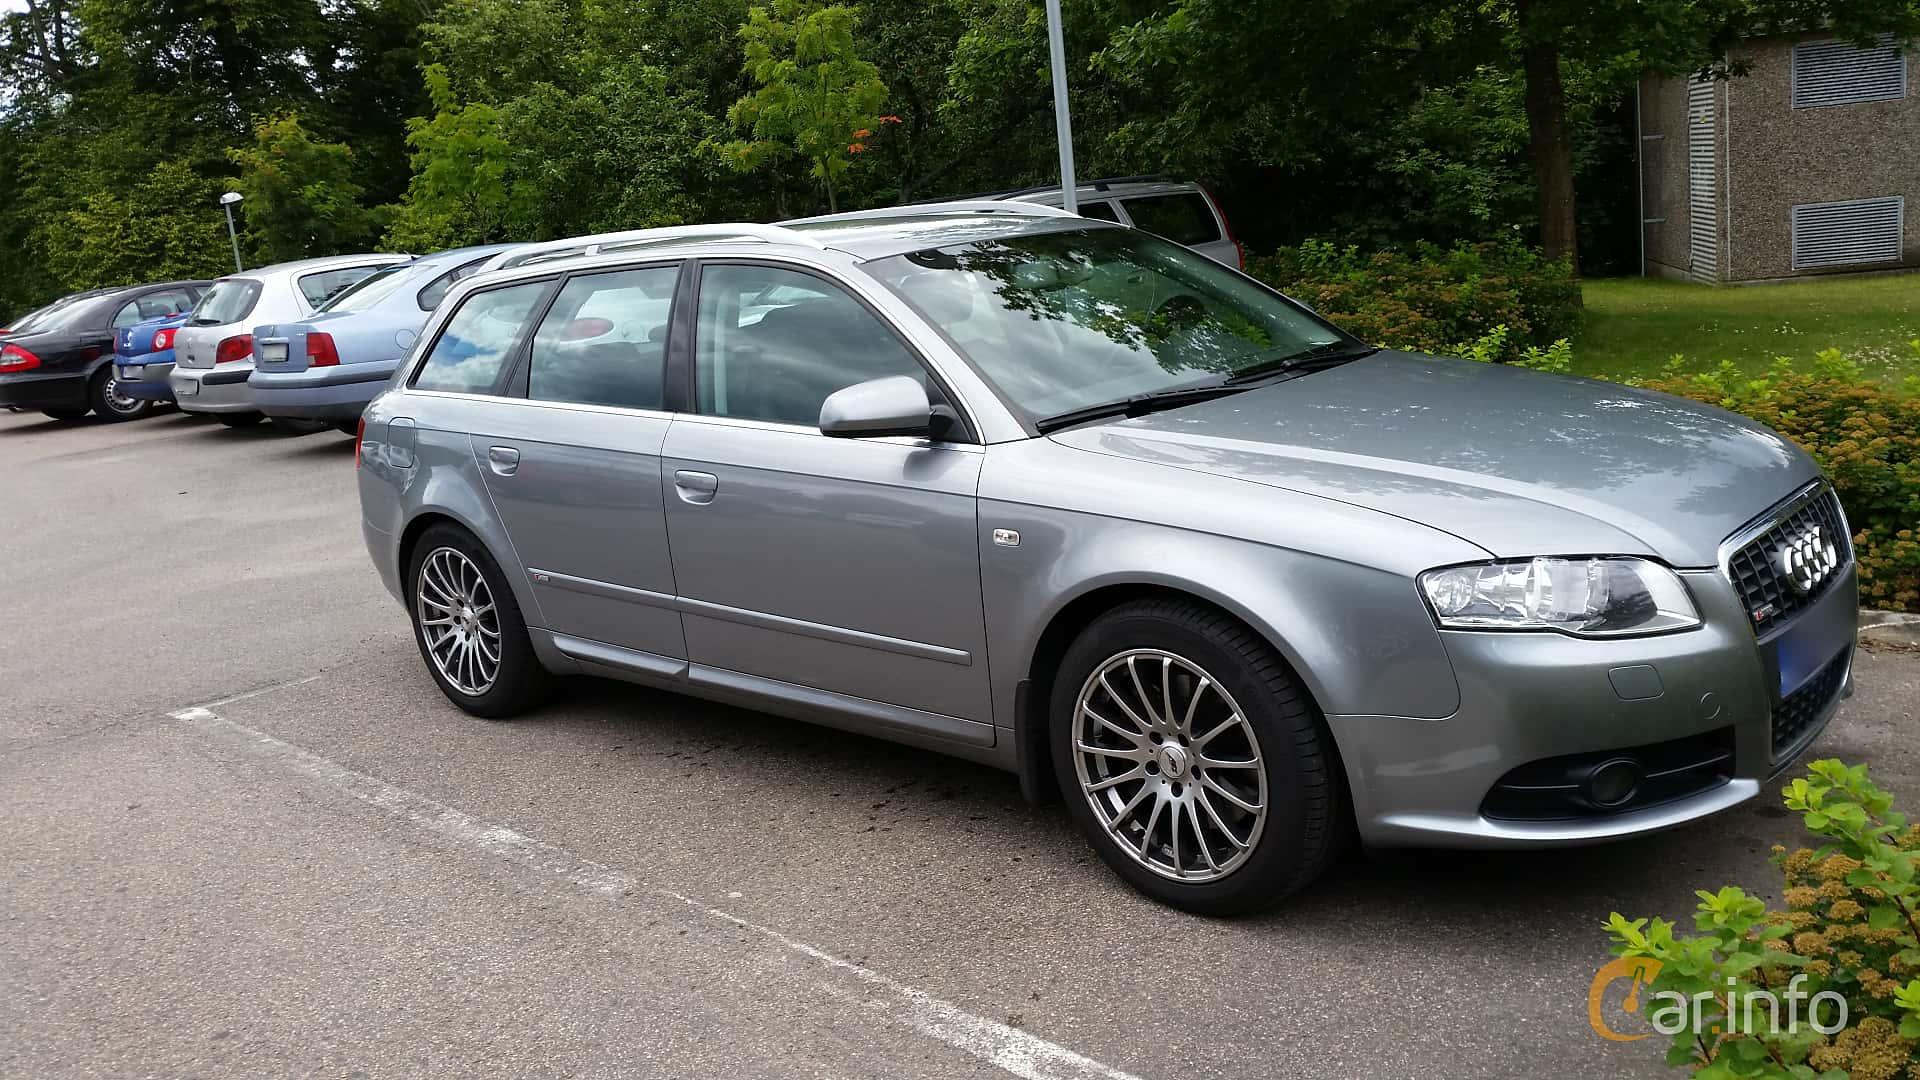 Kelebihan Kekurangan Audi A4 Avant Quattro Murah Berkualitas